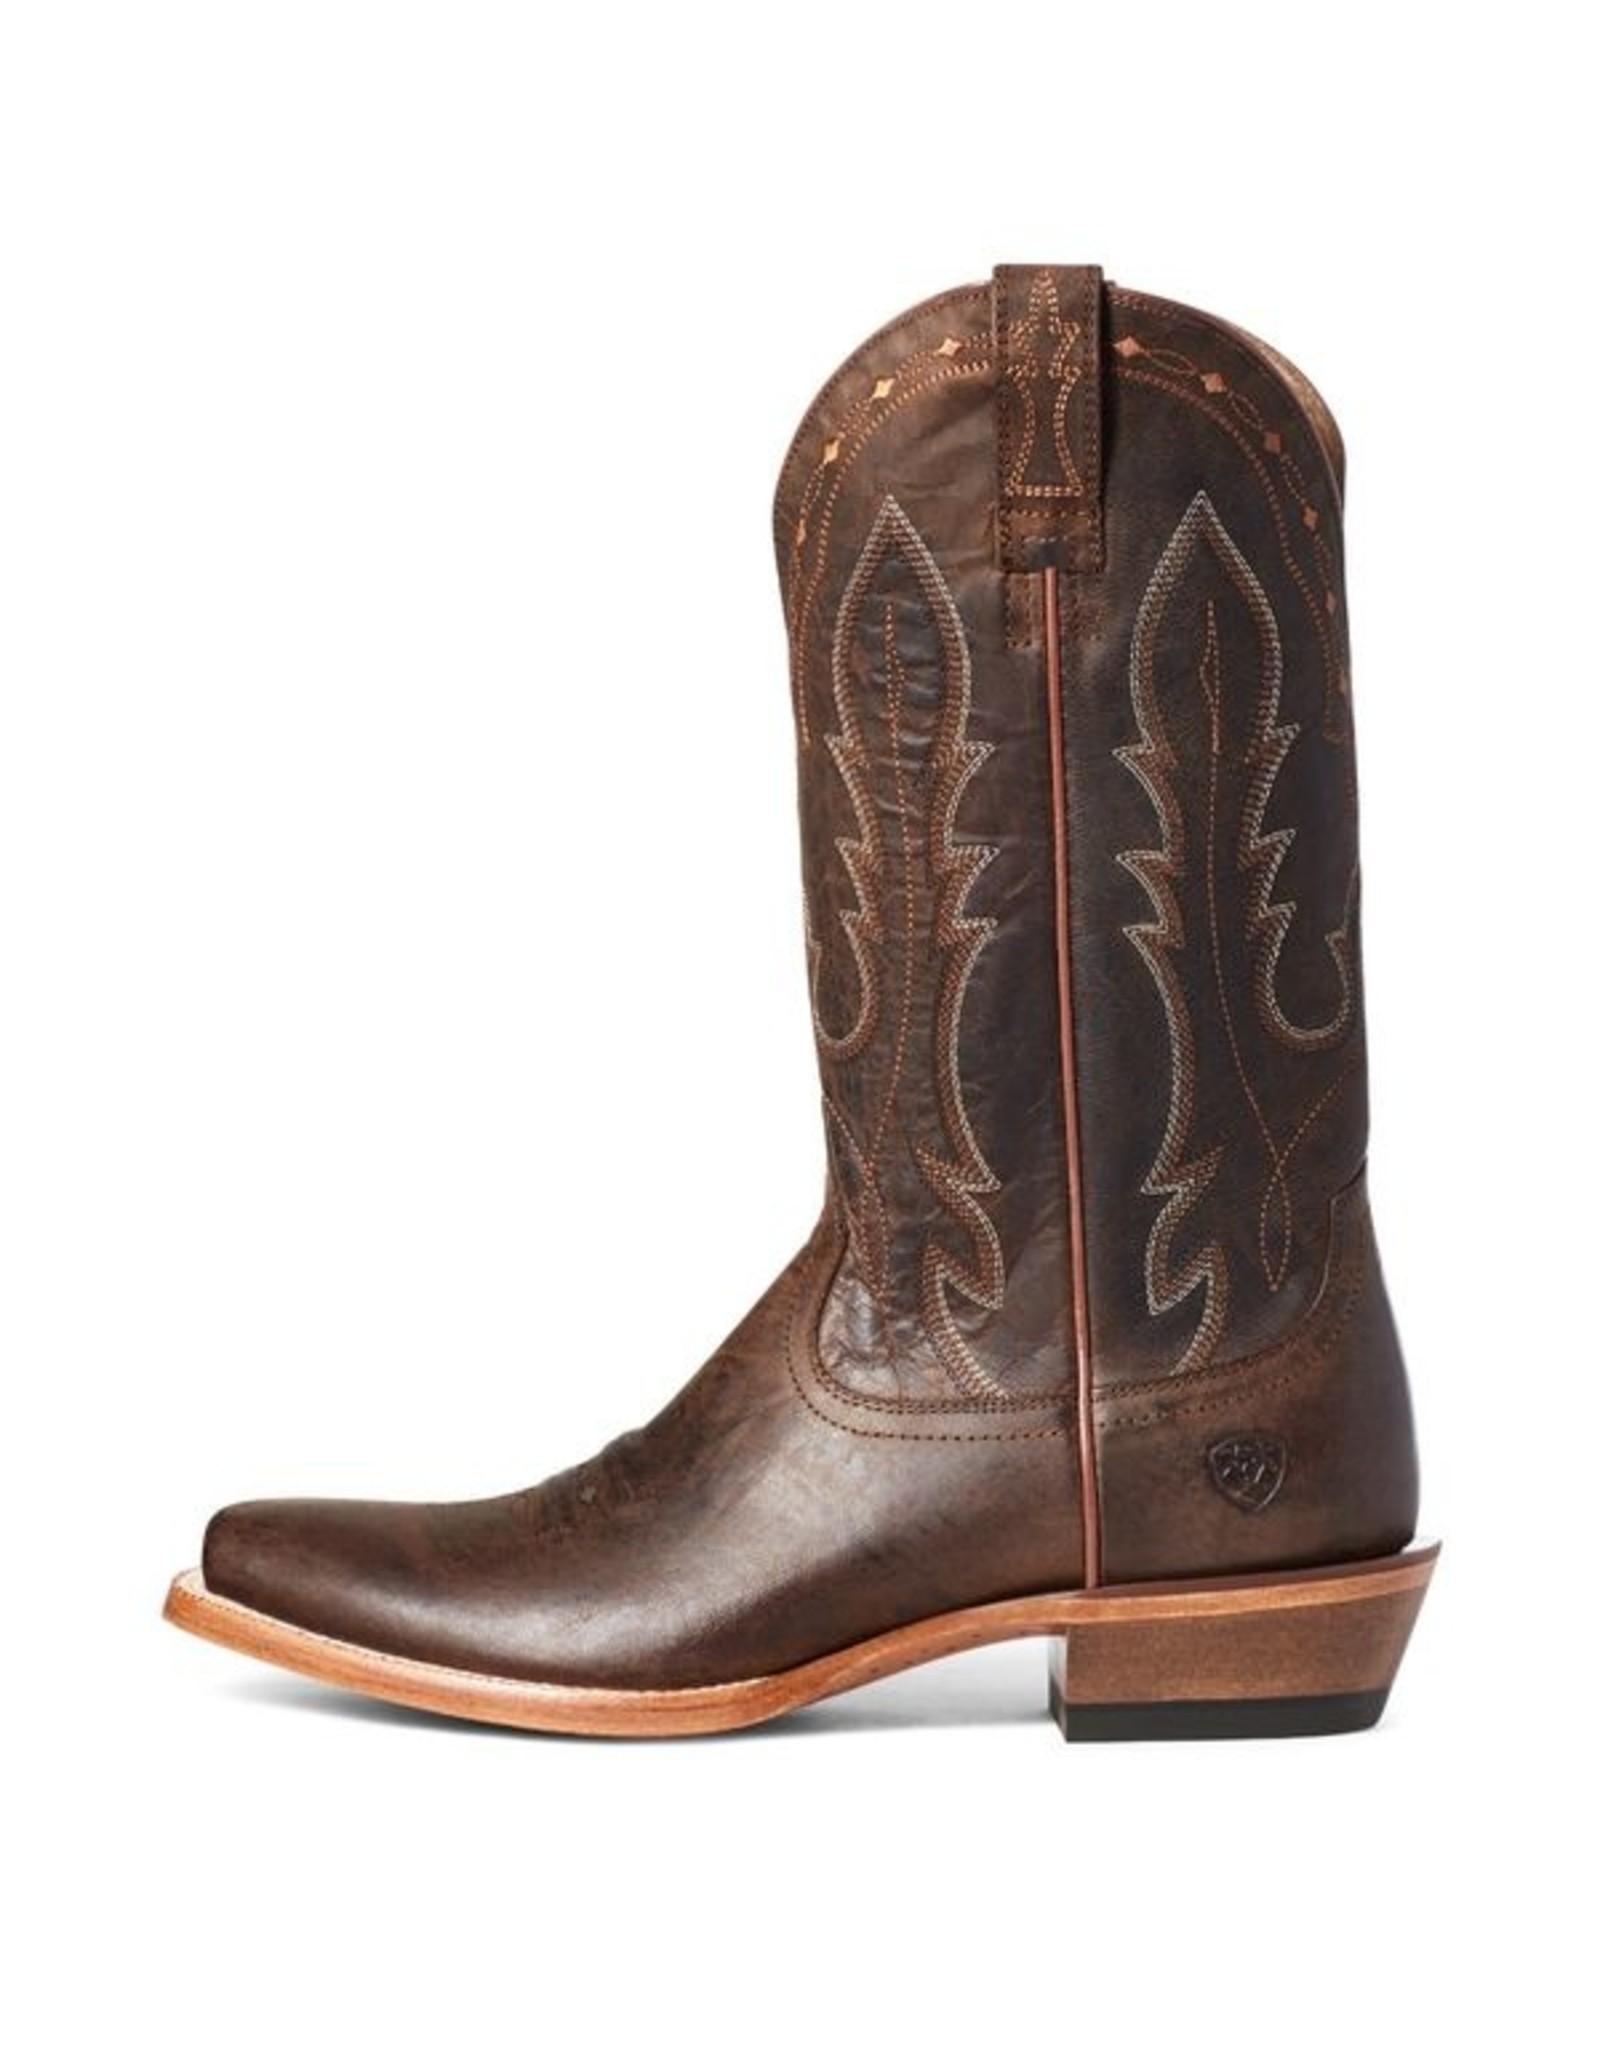 Boots-Men ARIAT 10035953 Calico